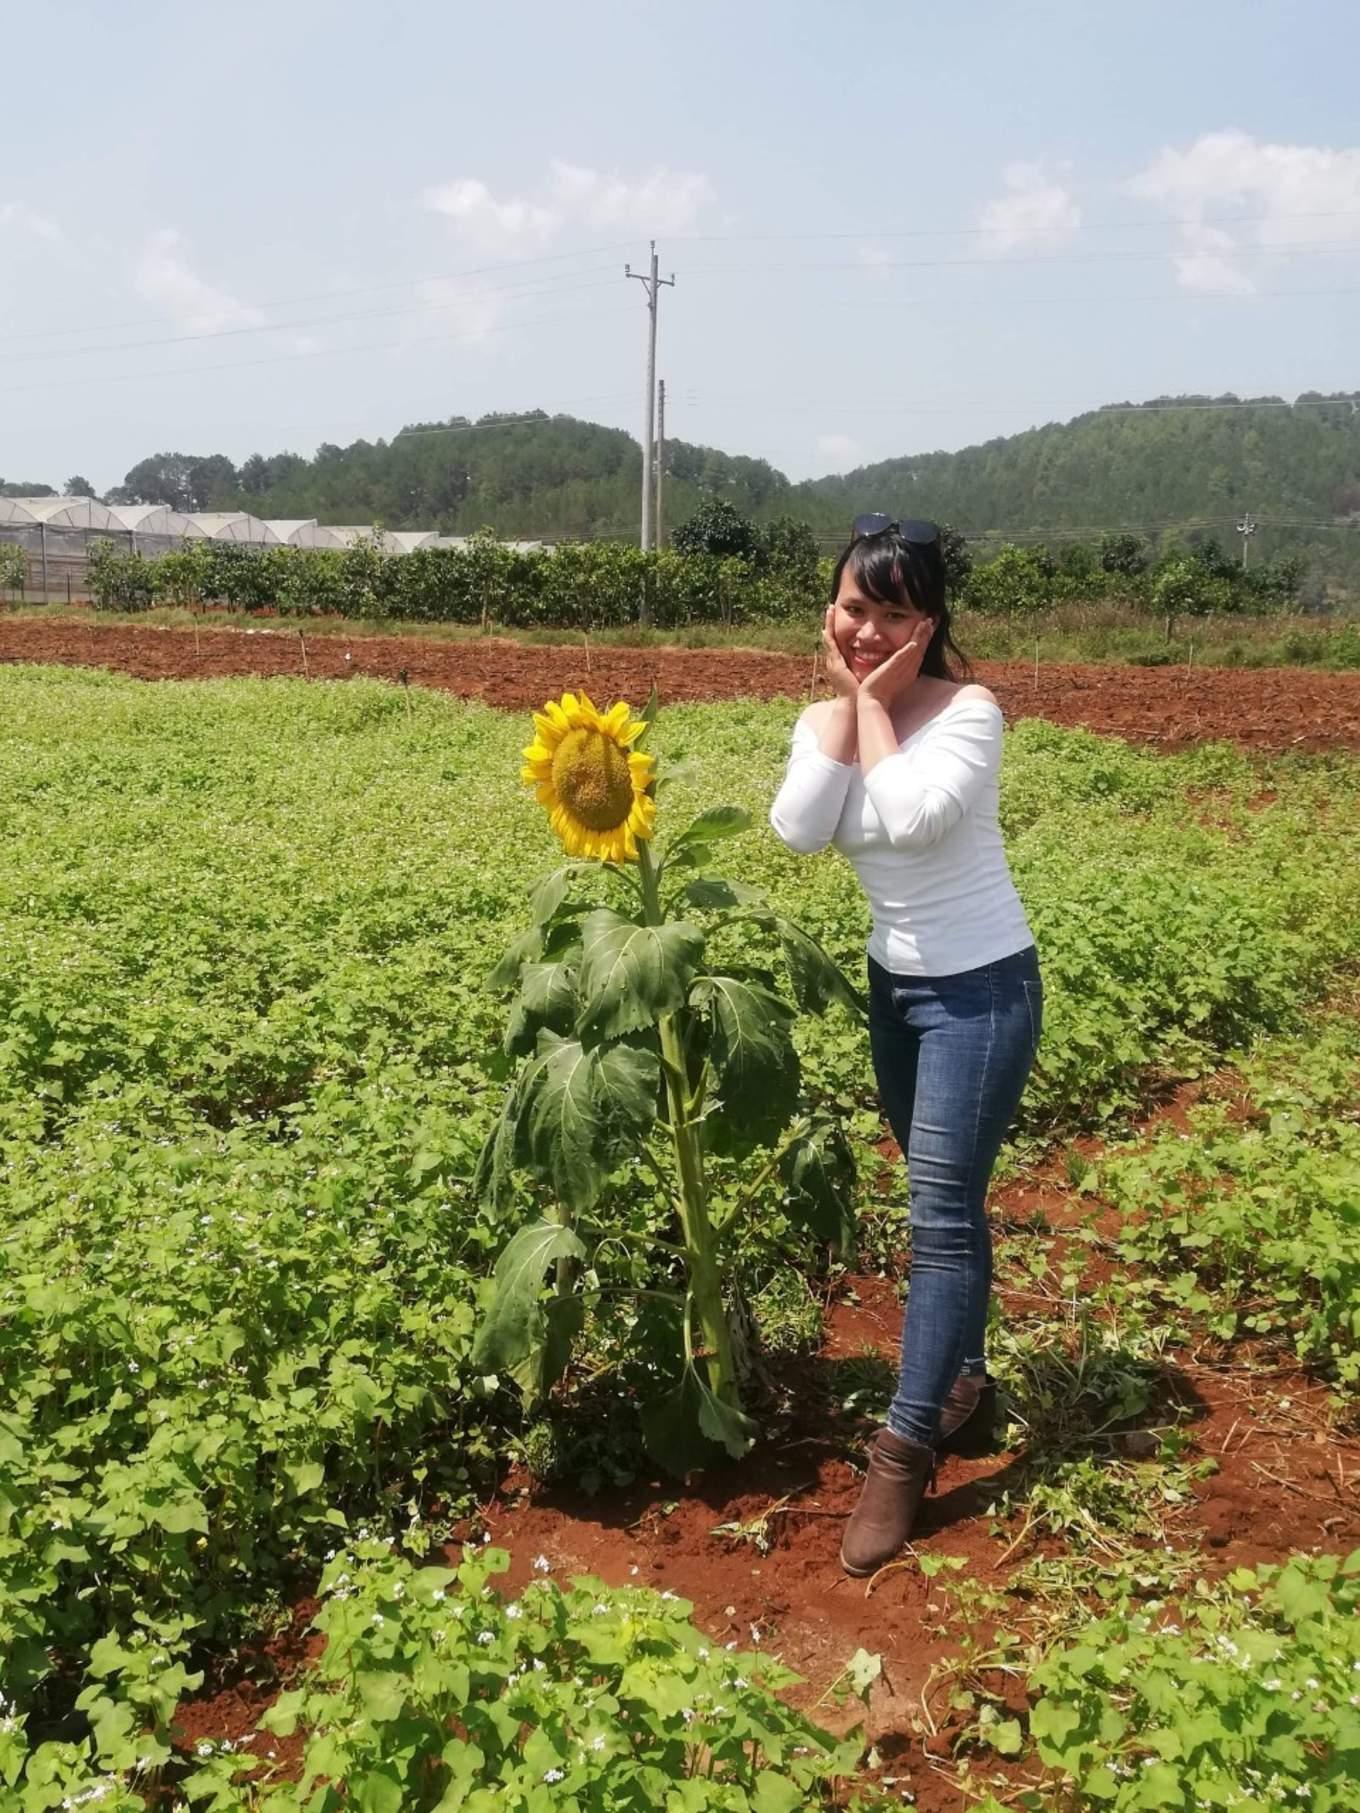 hoa hướng dương trong vườn tam giác mạch